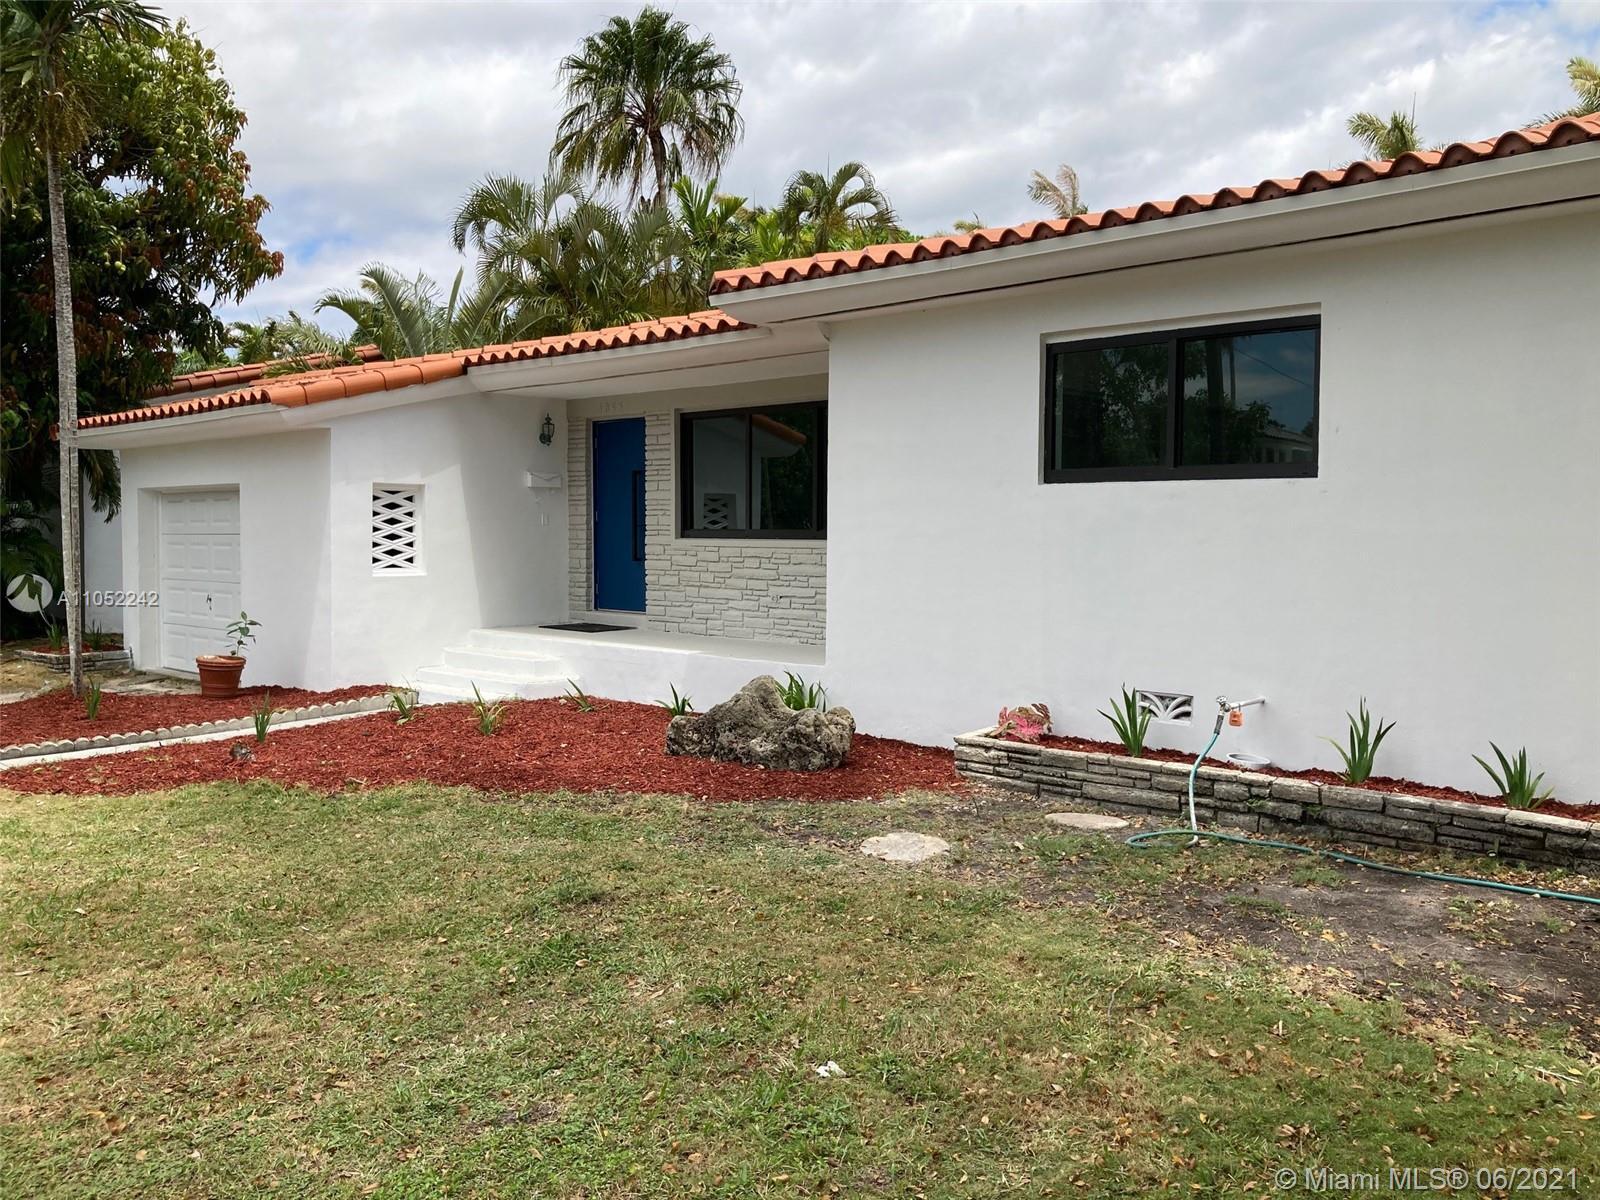 Shore Crest - 1095 NE 84th St, Miami, FL 33138